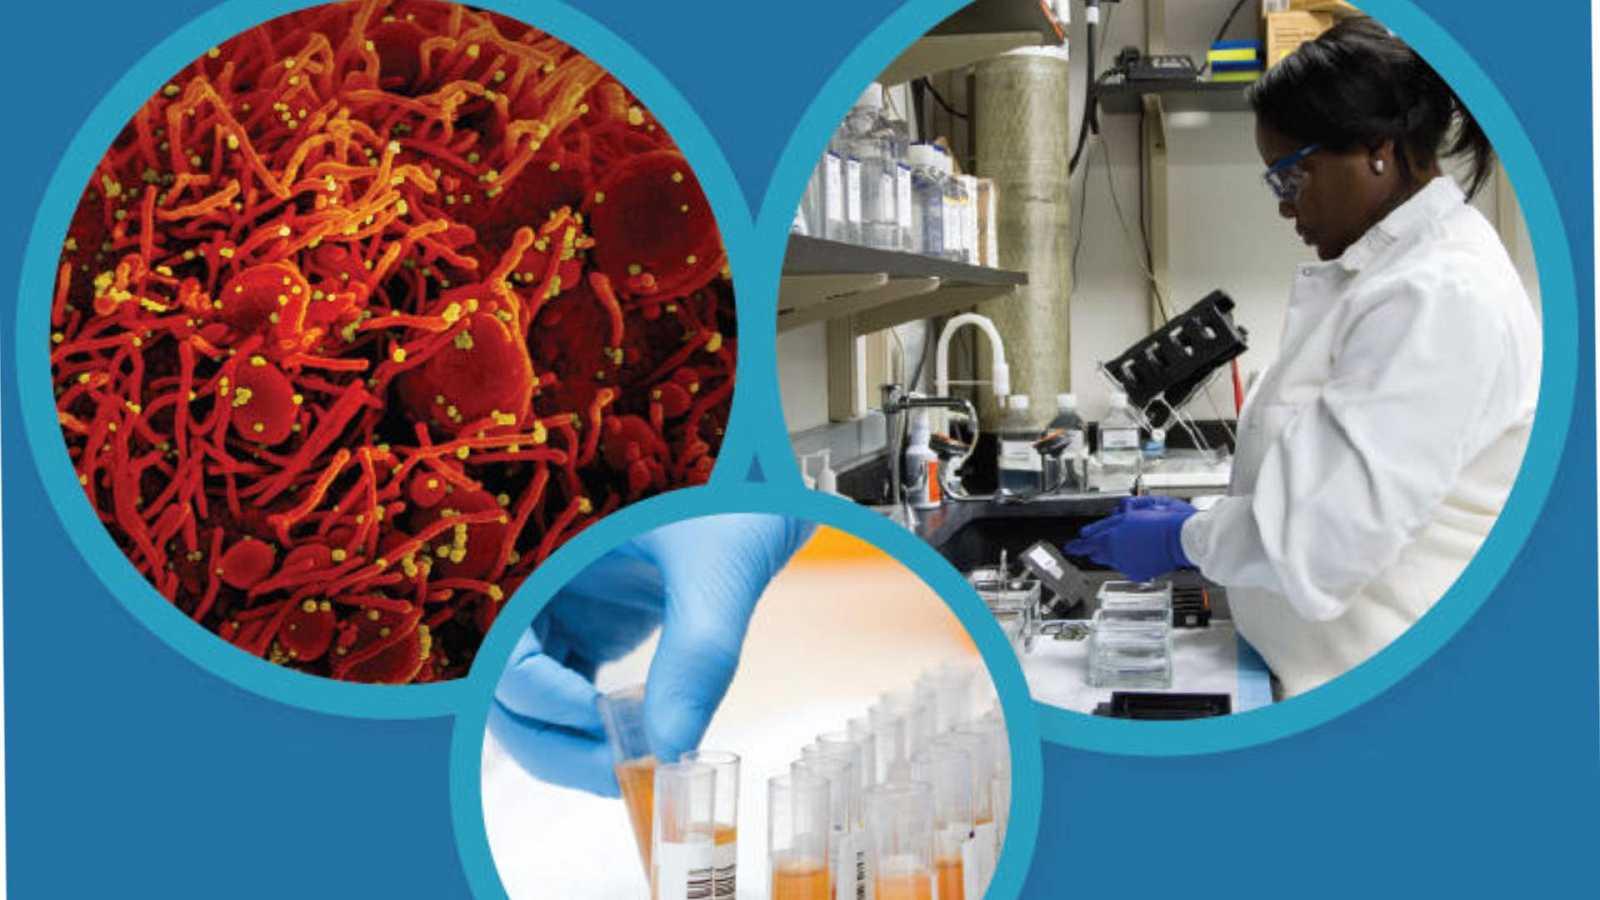 Alianza 2030 - Covid-19 en la investigación contra el cáncer - 11/10/20 - Escuchar ahora